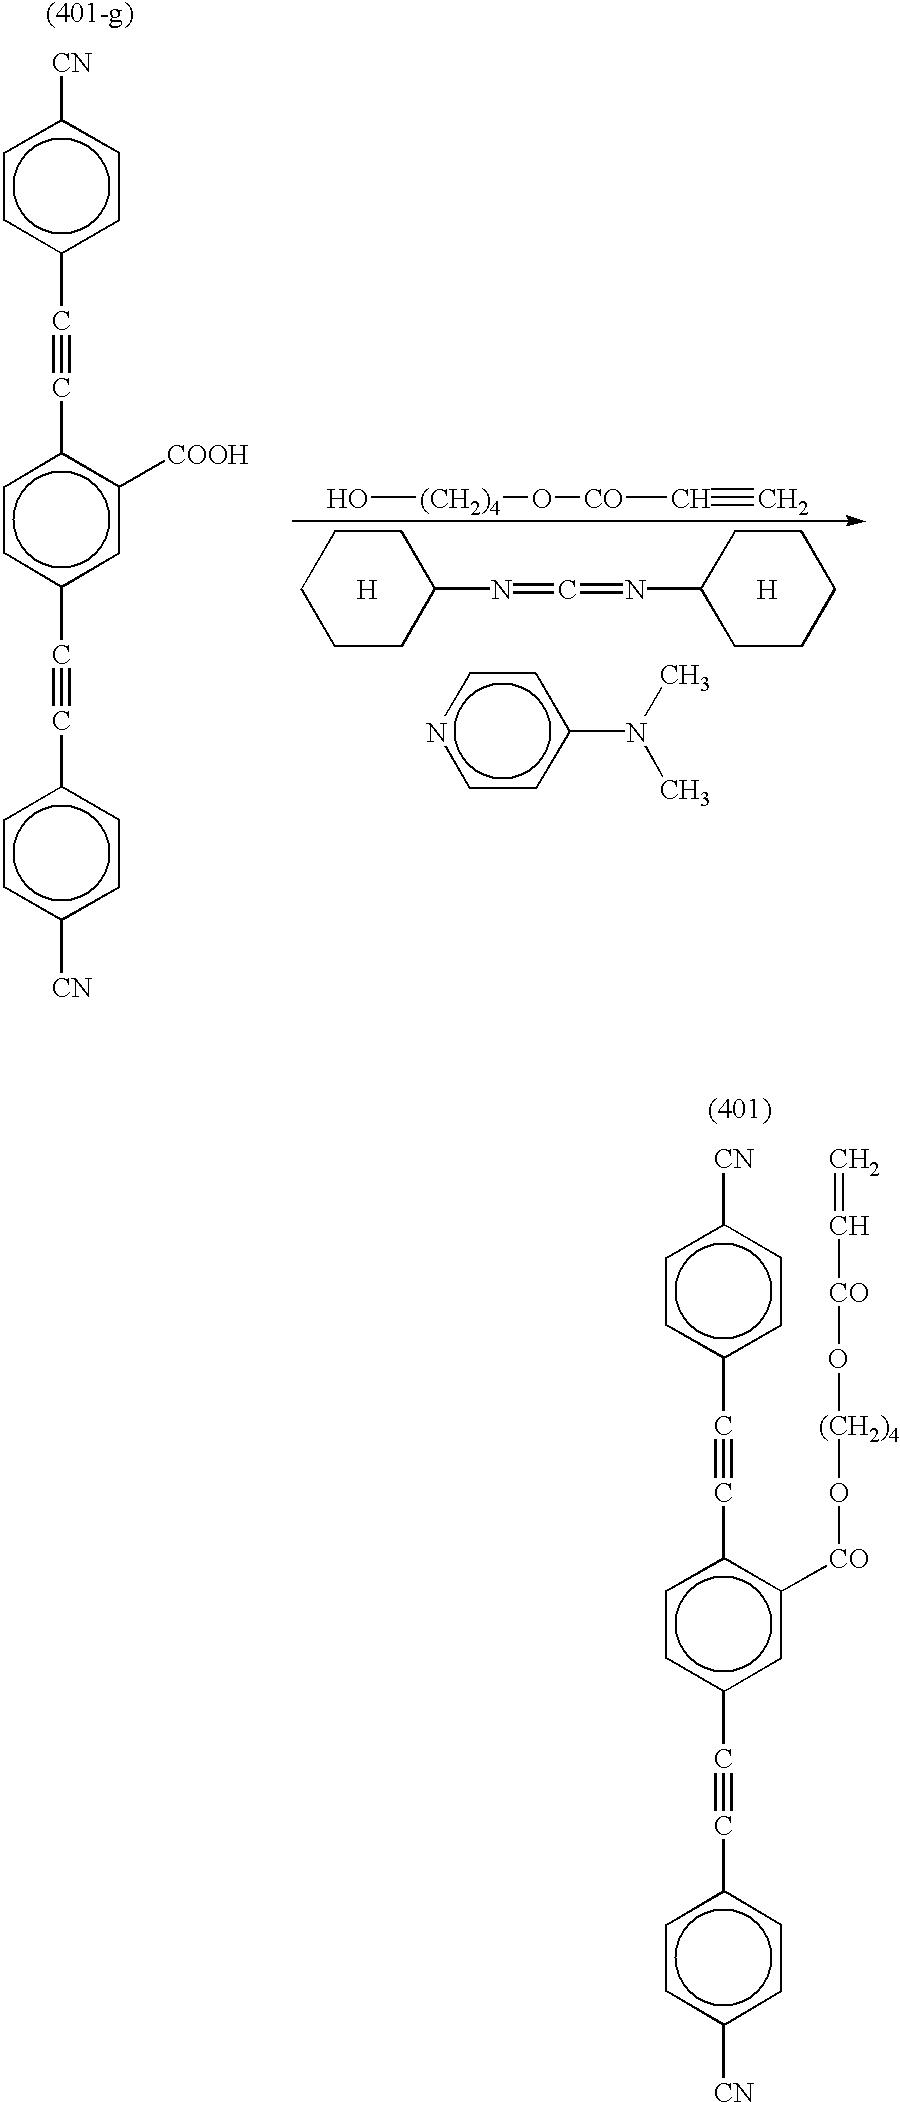 Figure US20030011725A1-20030116-C00020